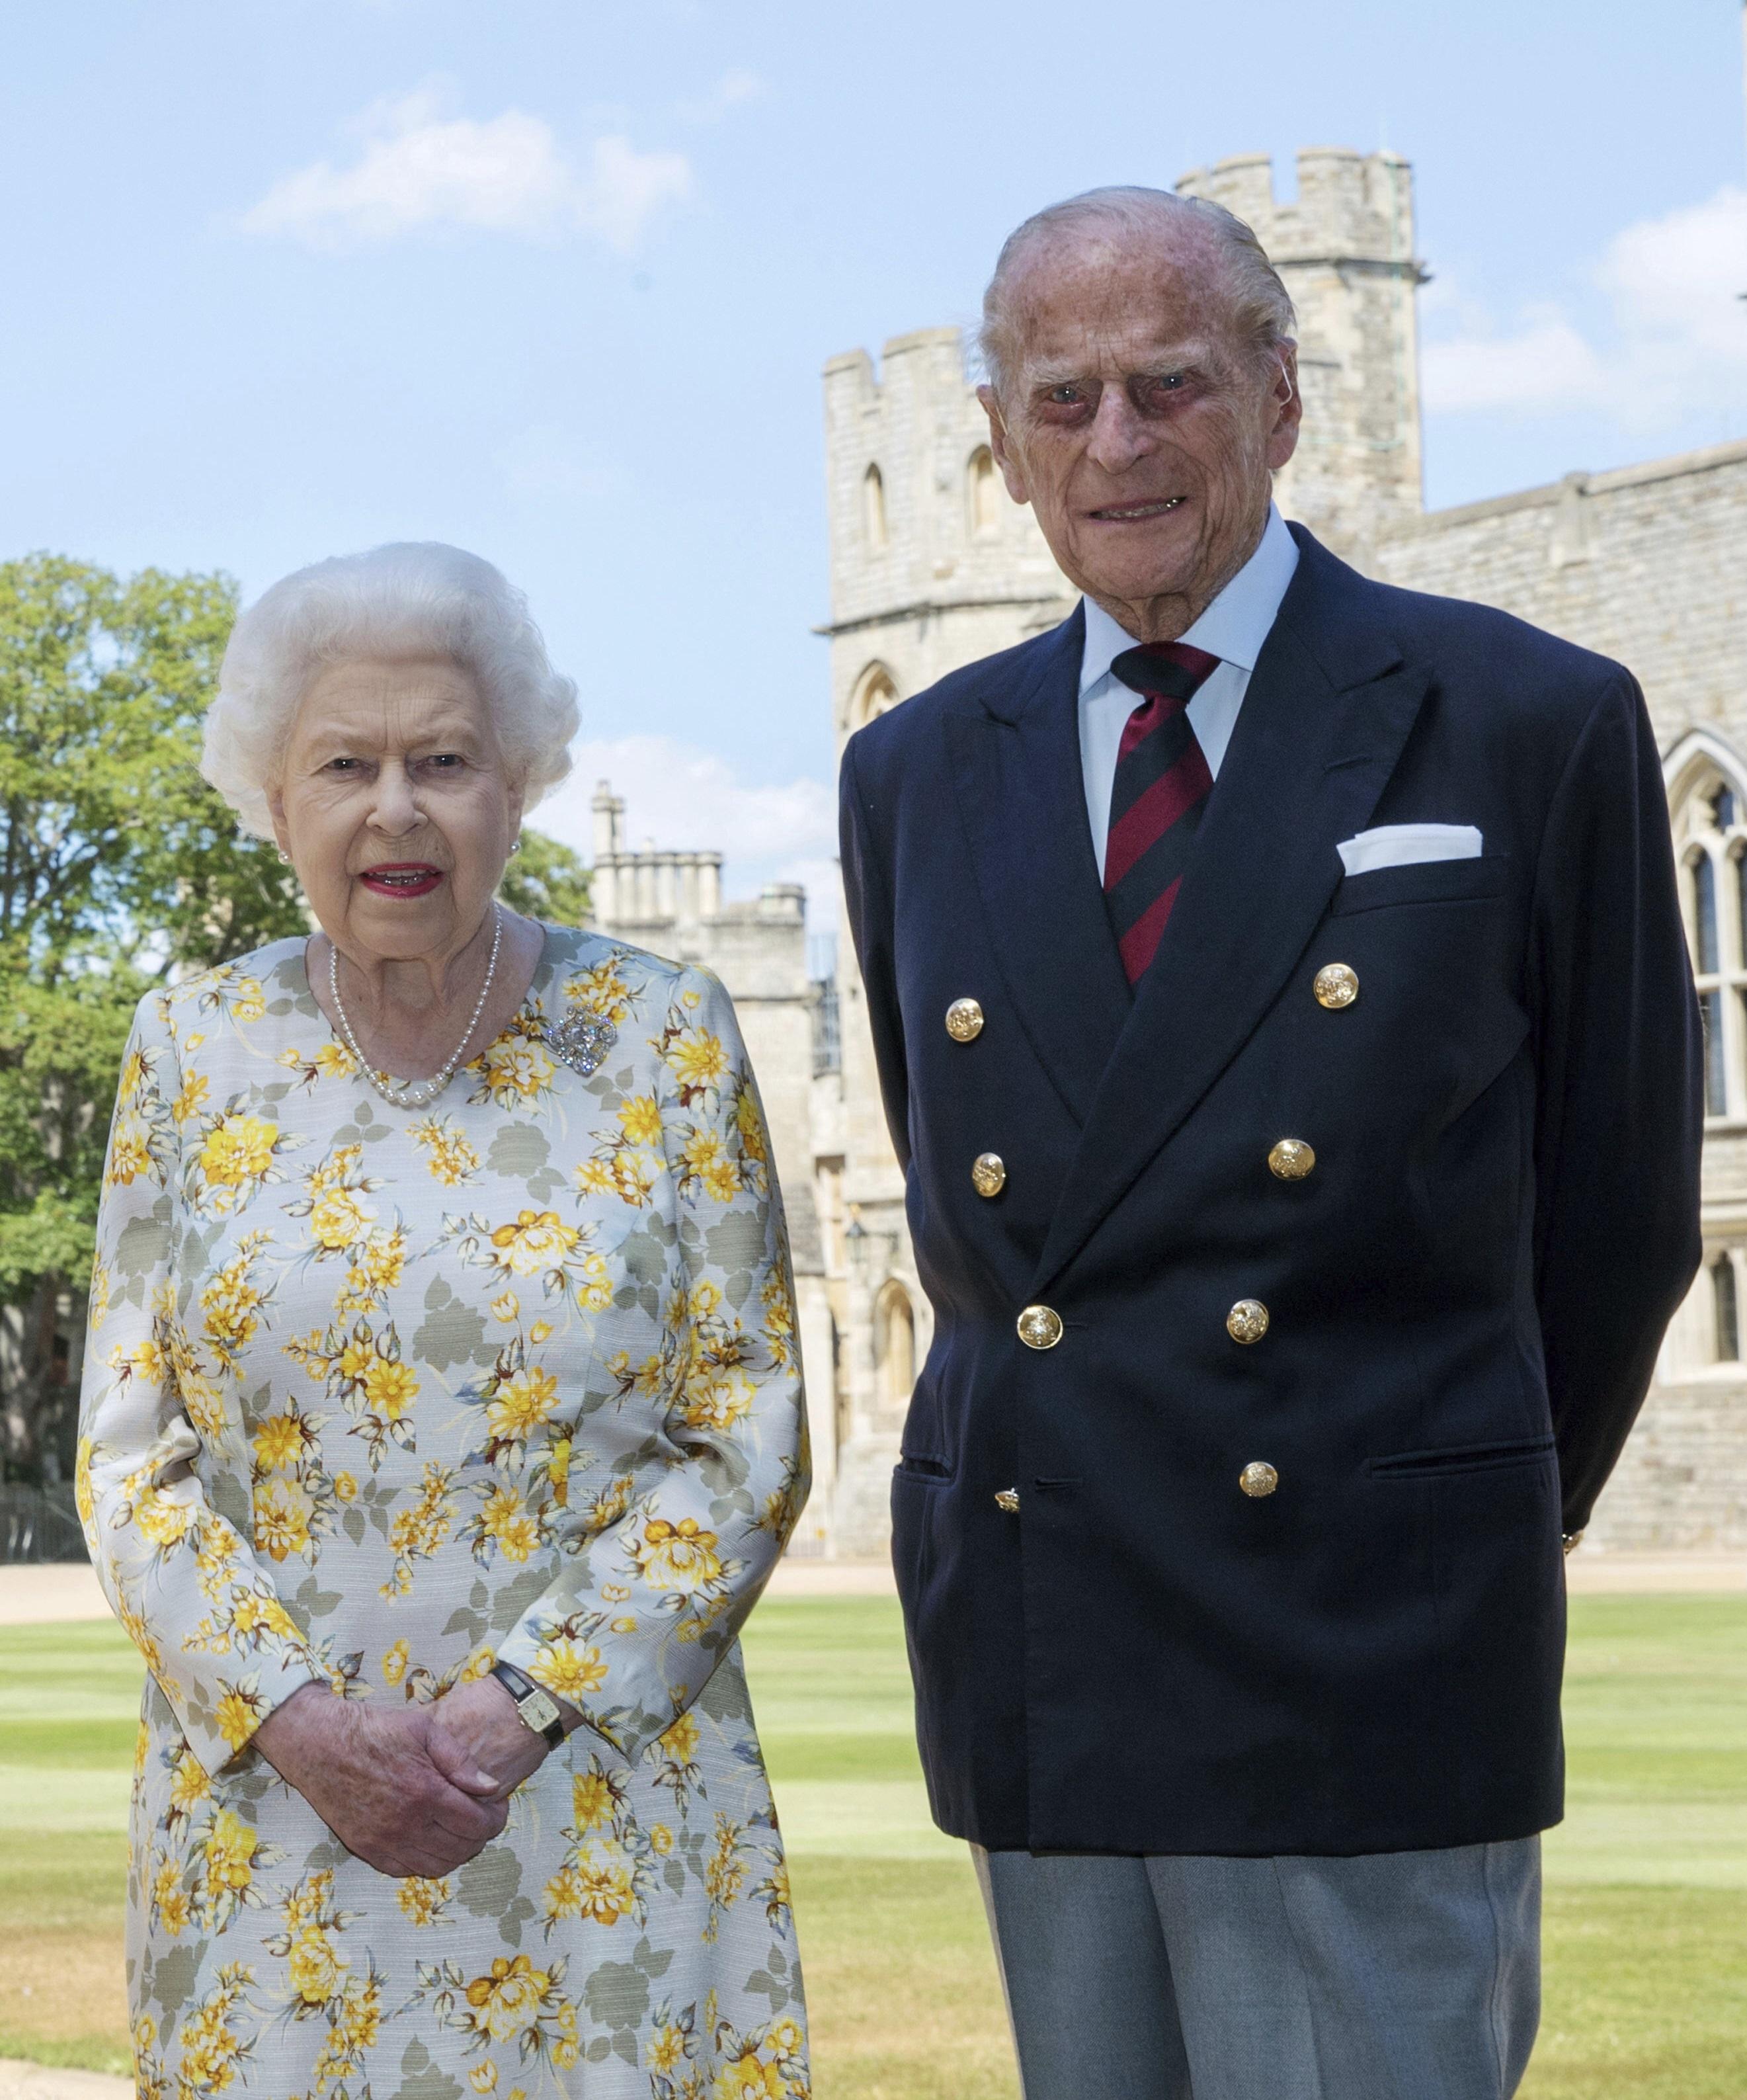 Tanto la reina Elizabeth II como el príncipe Philip fueron vacunados contra el coronavirus a principios de enero. (AP)